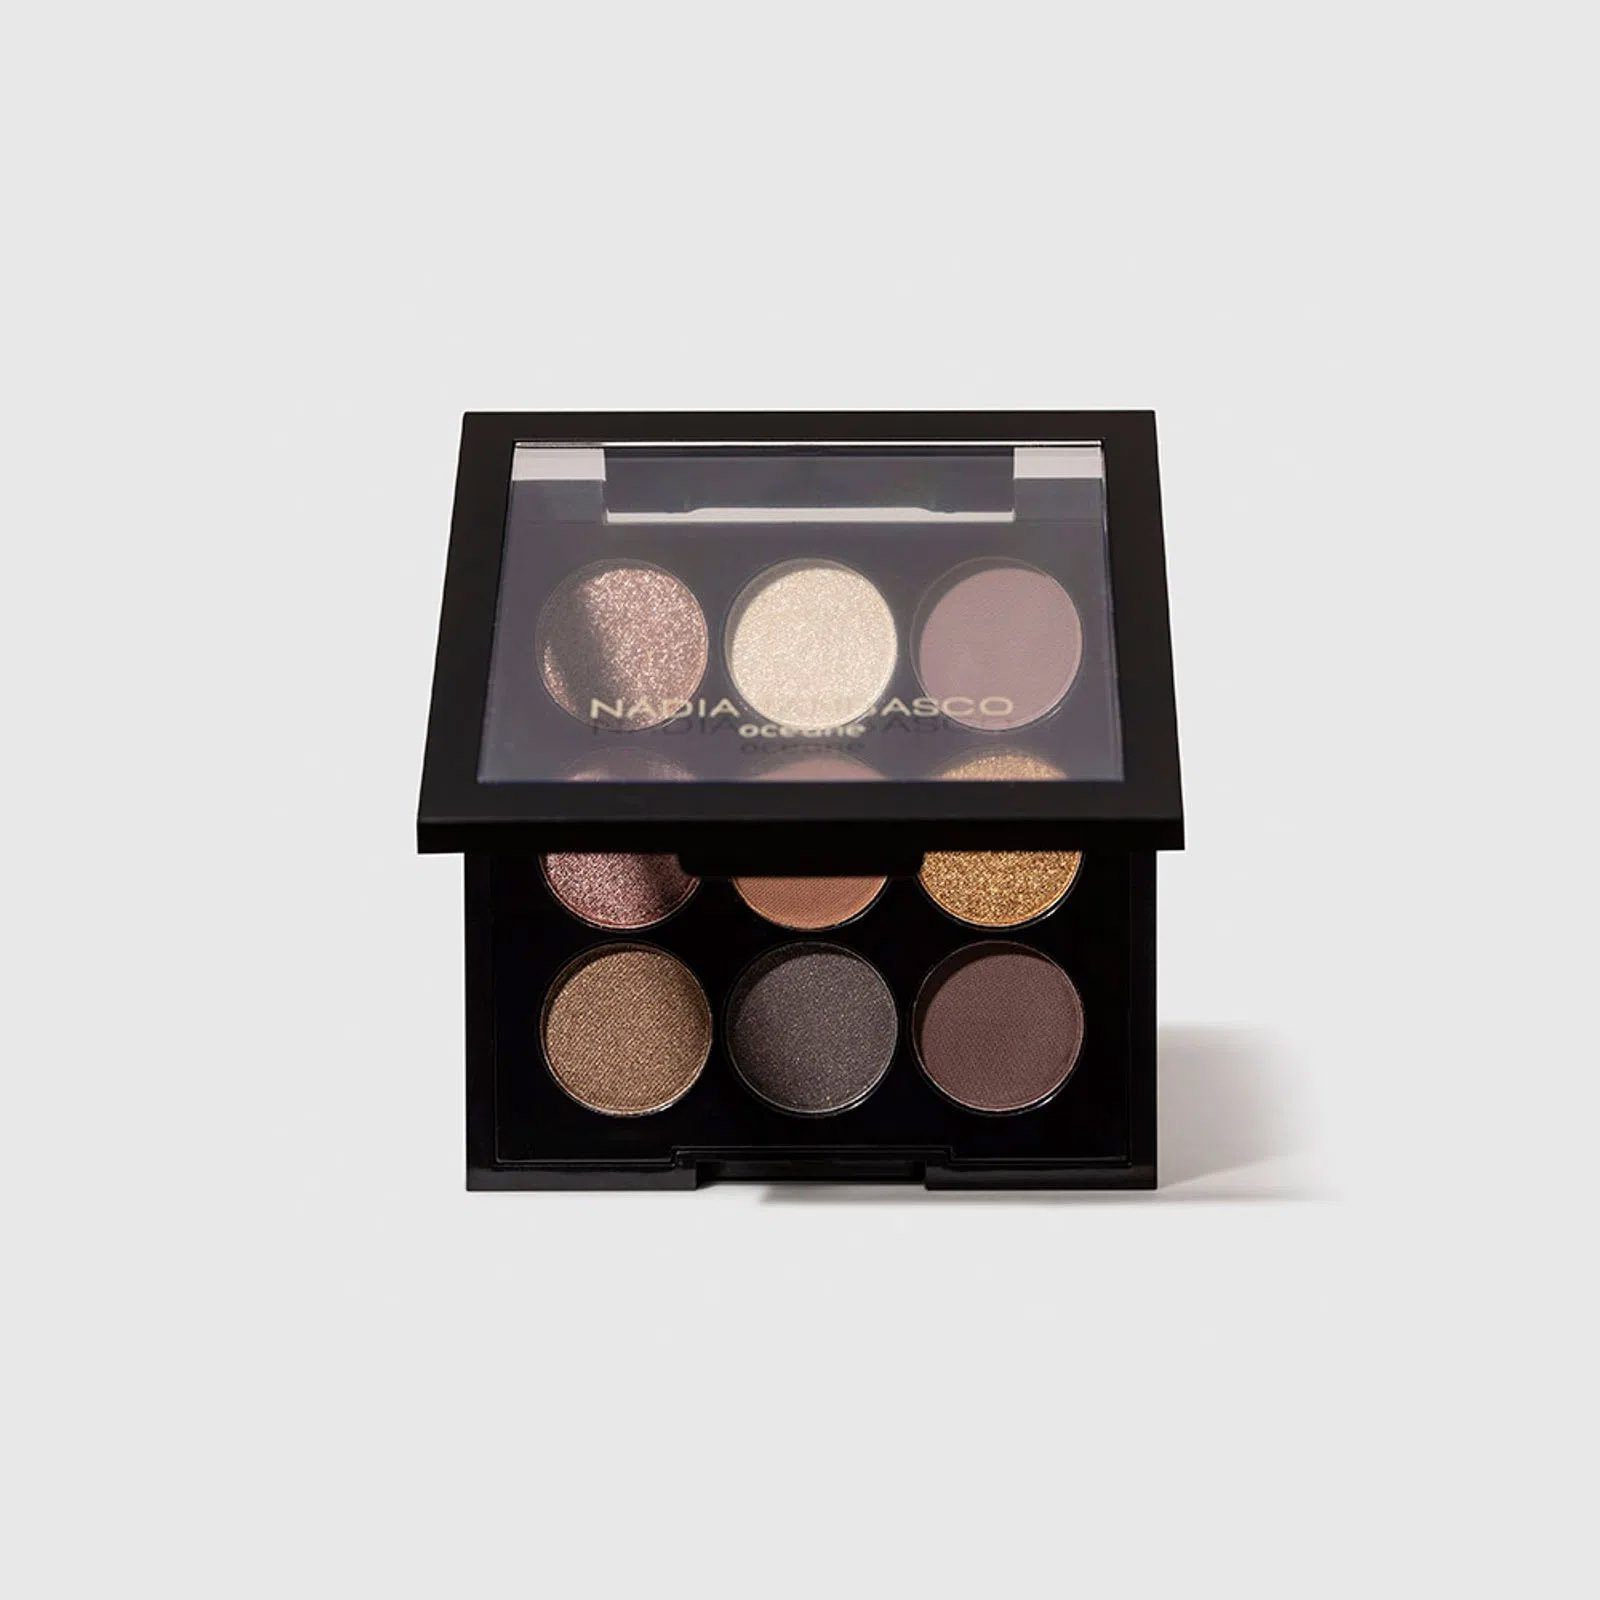 maquiagem paleta de sombras to go basic oceane nadia tambasco 51365 2000 204098 1